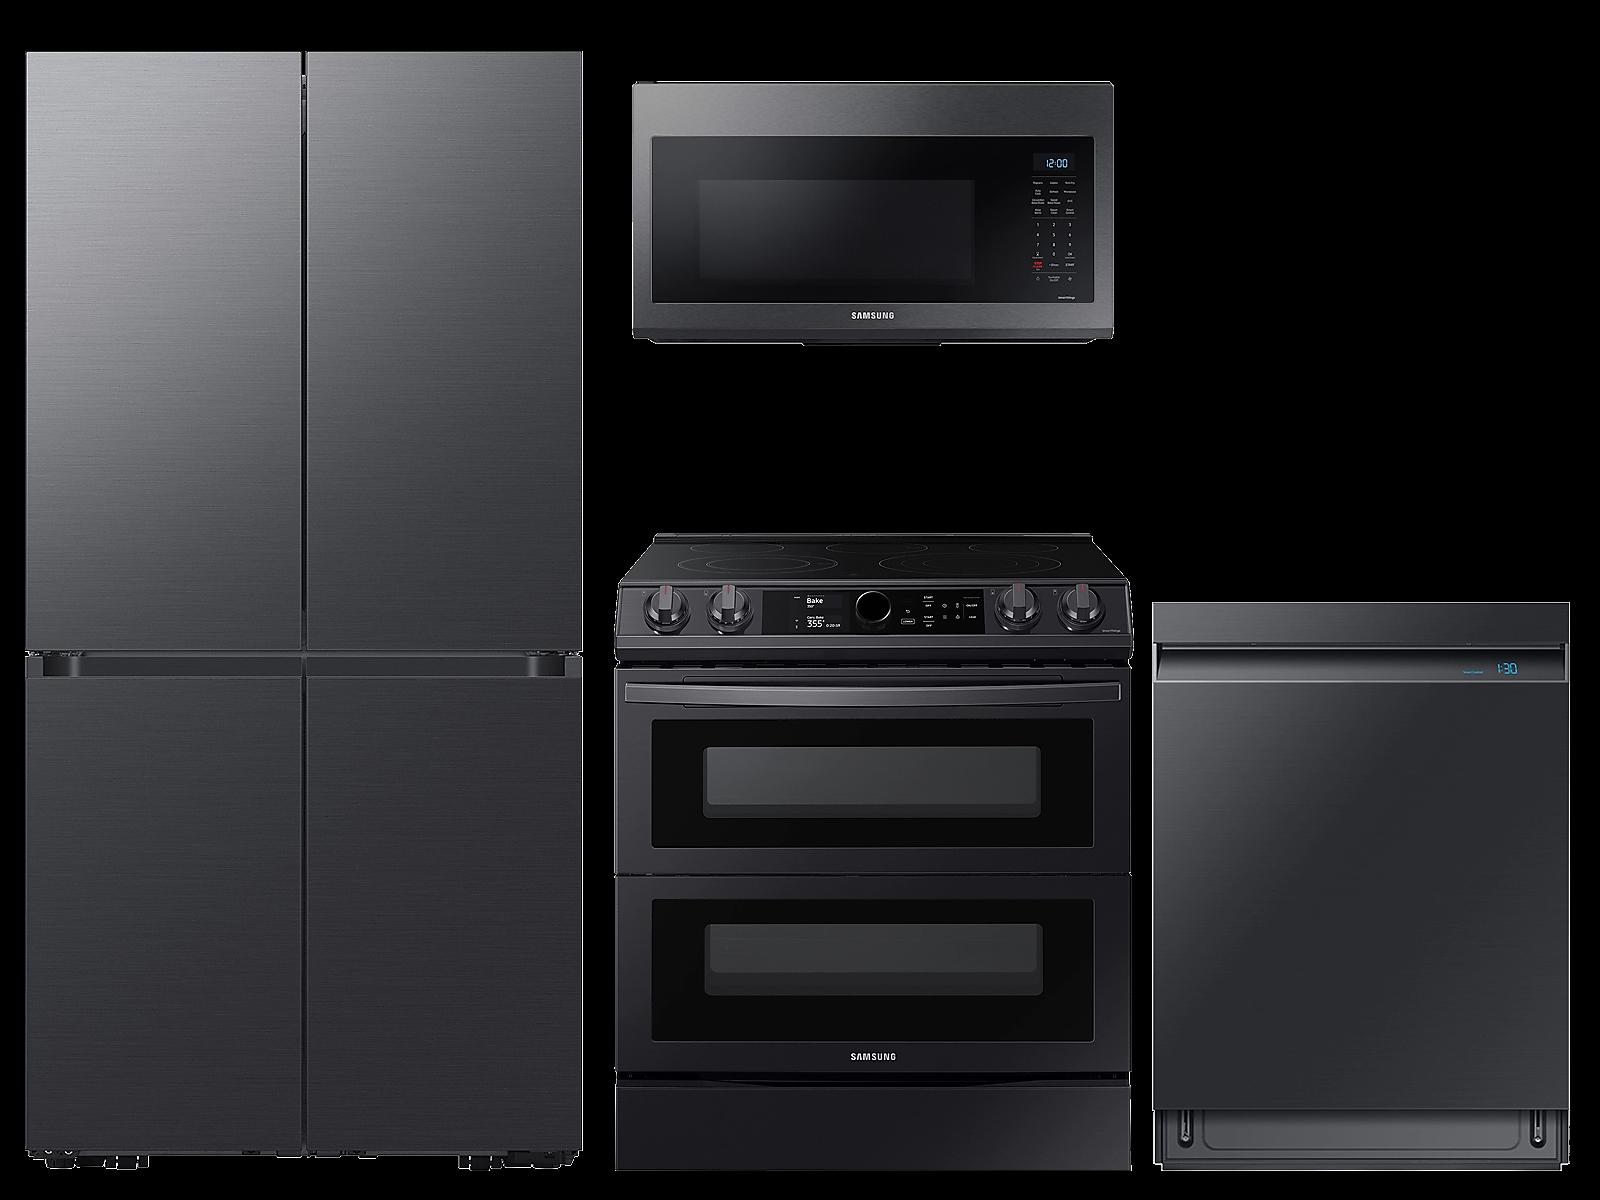 Samsung coupon: Samsung 29 cu. ft. Full Depth BESPOKE 4-Door FlexTM Refrigerator in Matte in Black Steel